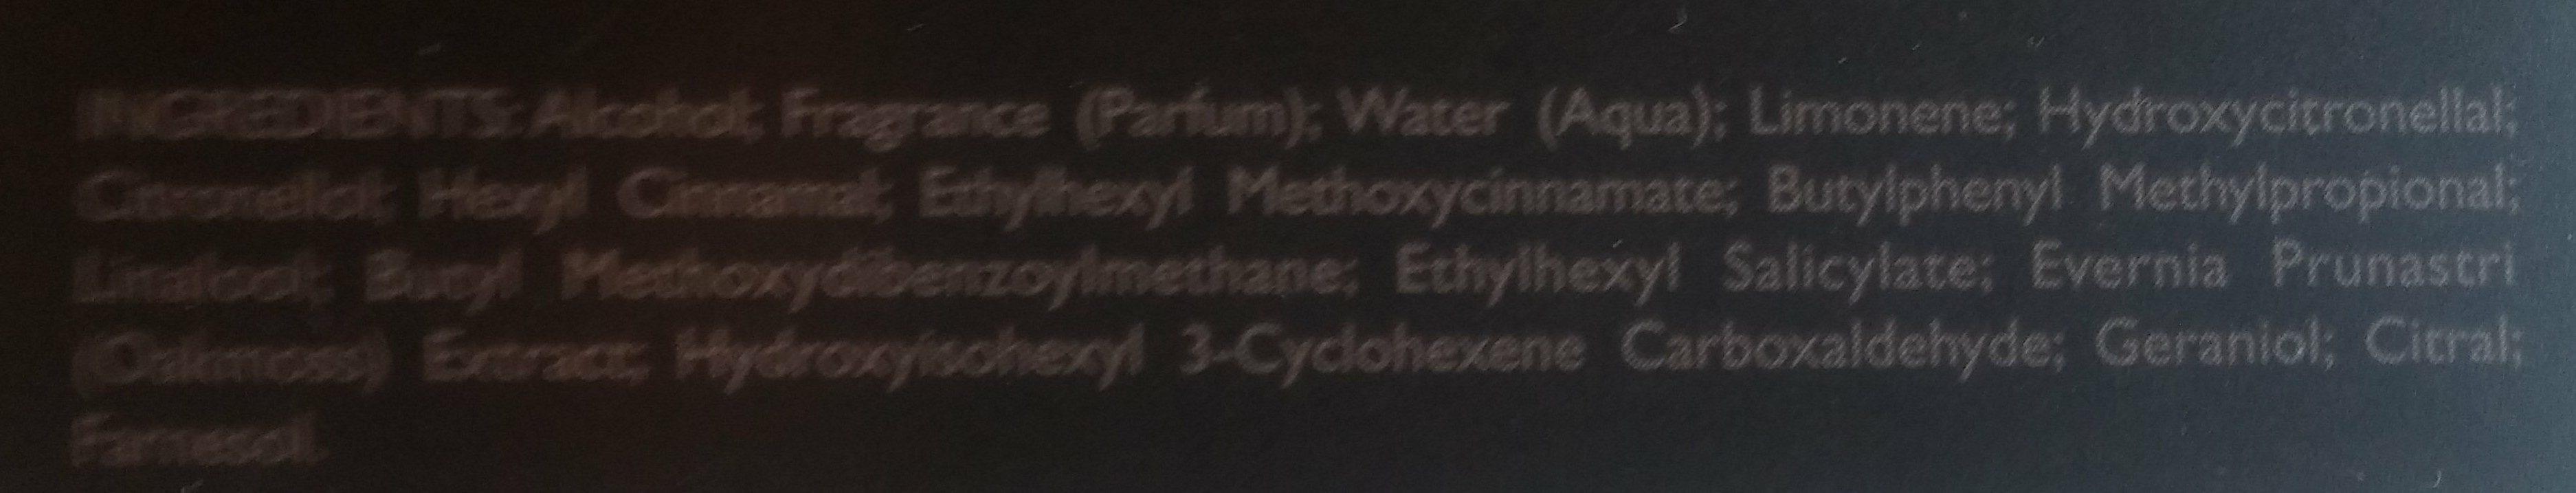 Terre - Ingredients